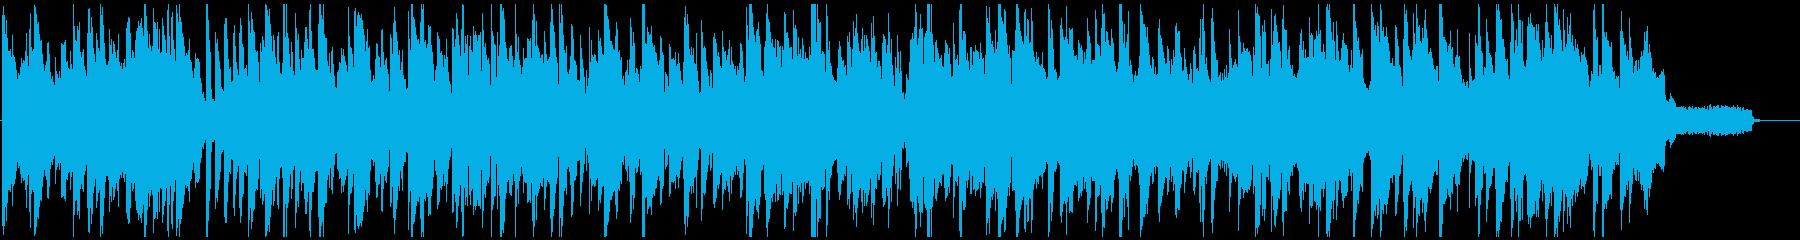 ライトで軽い音色のサックス・ジャズ、軽快の再生済みの波形